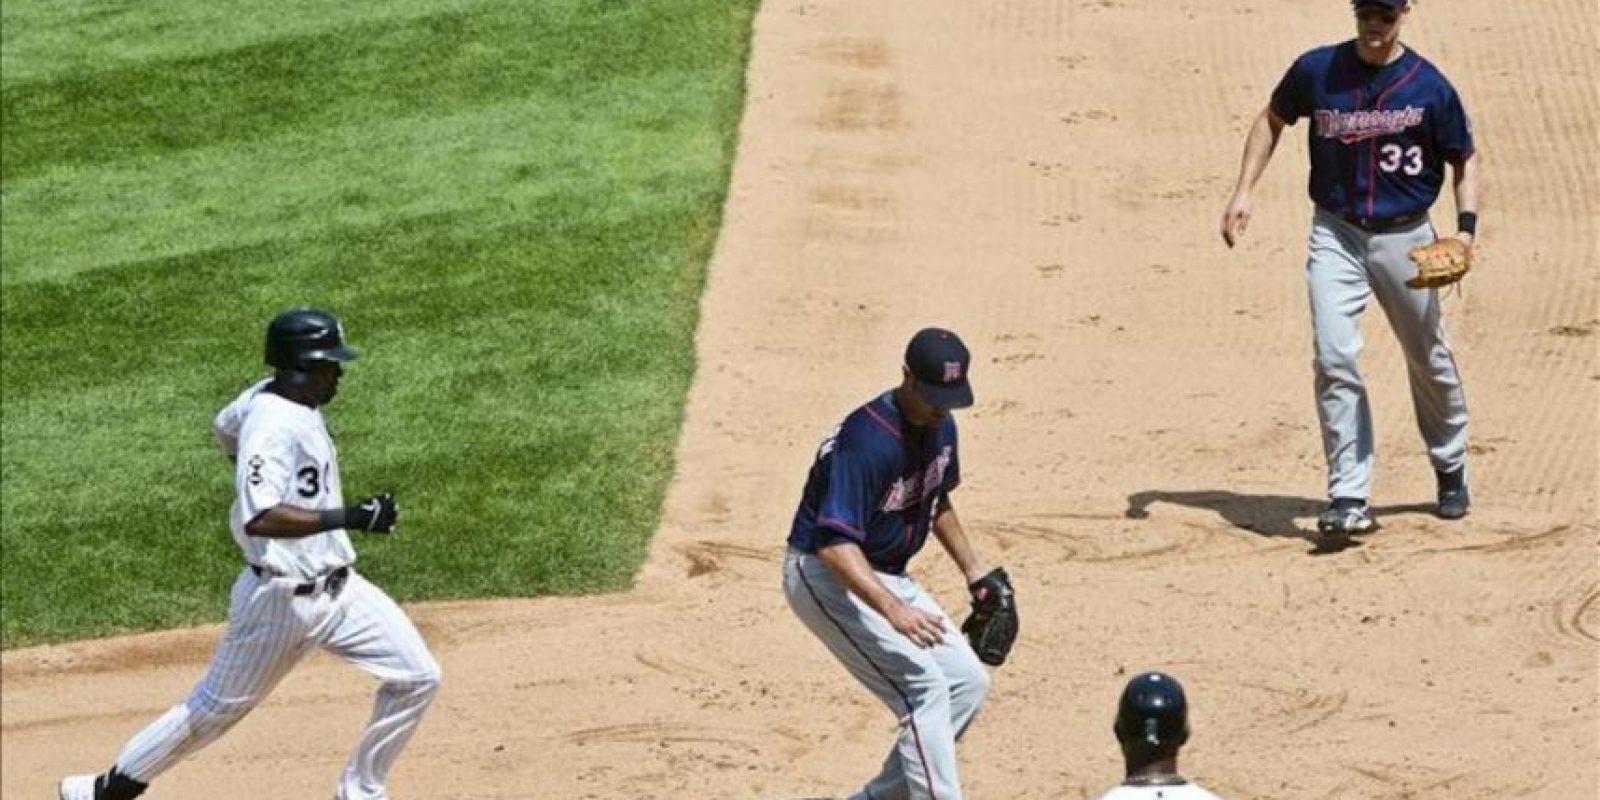 El jugador de los Mellizos, Nick Blackburn (c), en acción ante Alejandro De Aza (i) y Justin Morneau (d) de los Medias Blancas este 25 de julio, durante el juego de la MLB que se disputa en el Cellular Field en Chicago, Illinois (EEUU). EFE